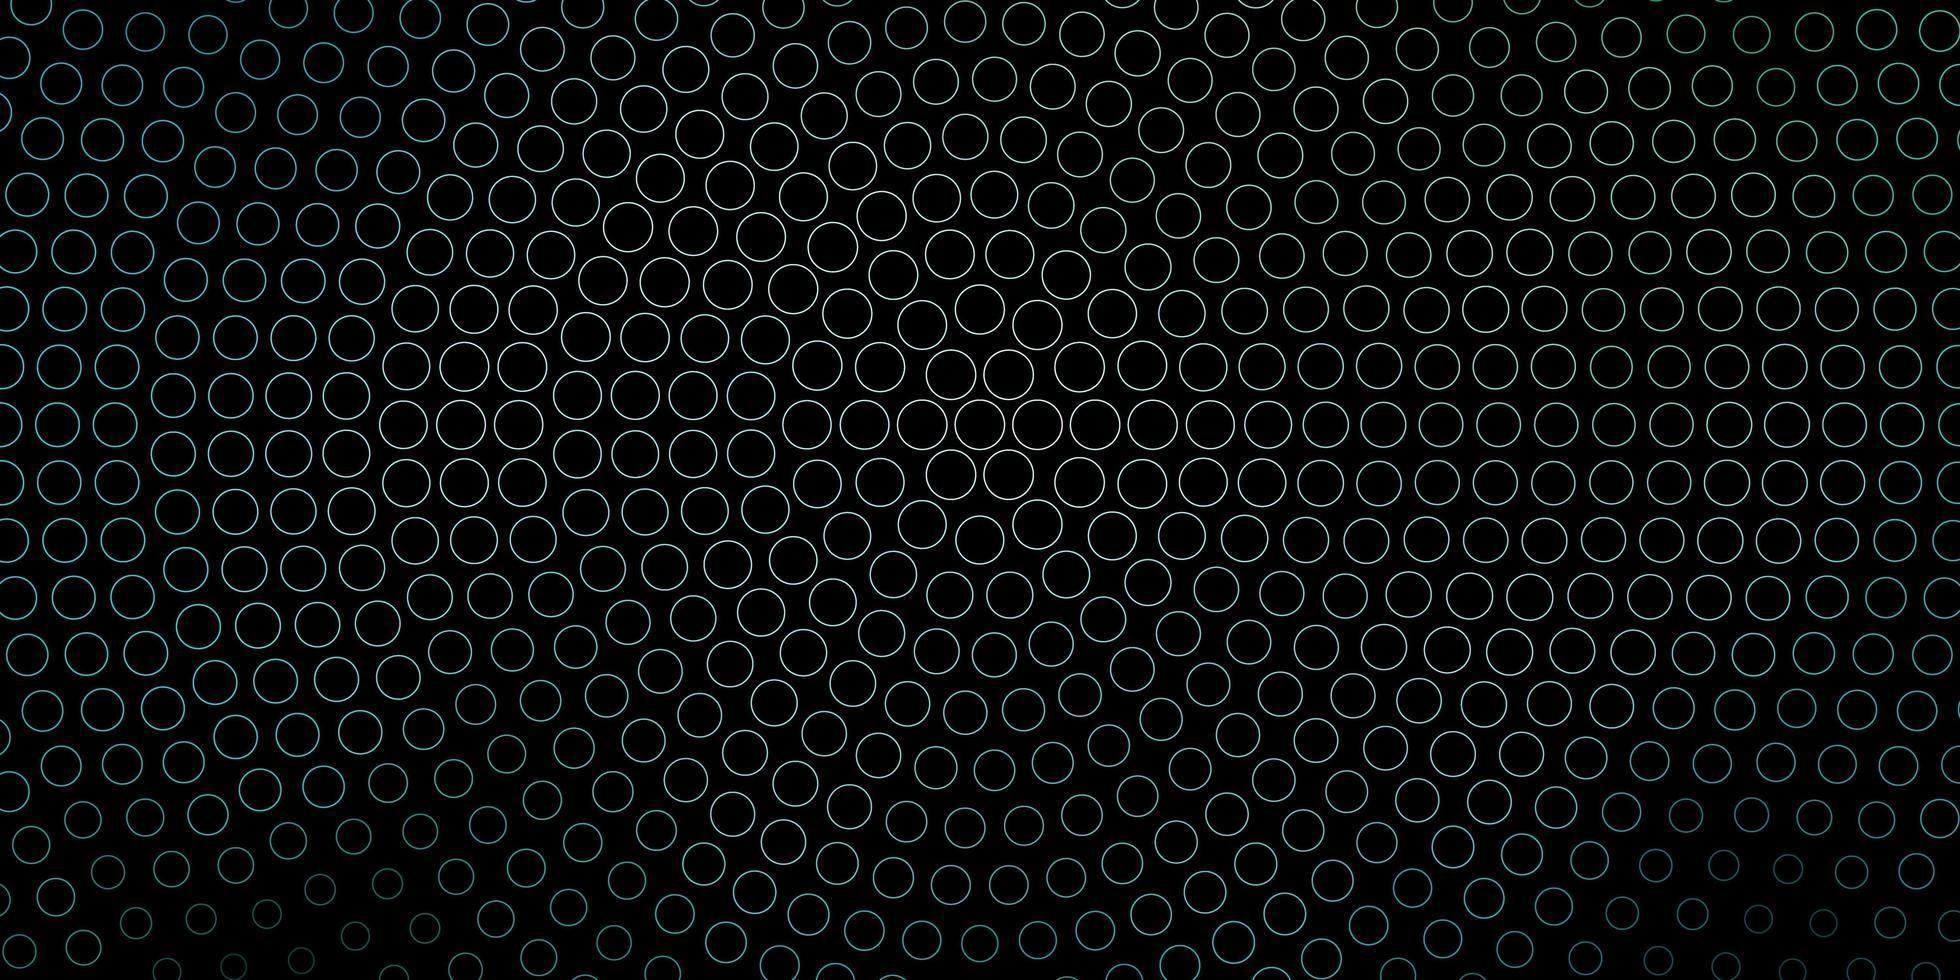 dunkelblaue, grüne Vektorschablone mit Kreisen. vektor